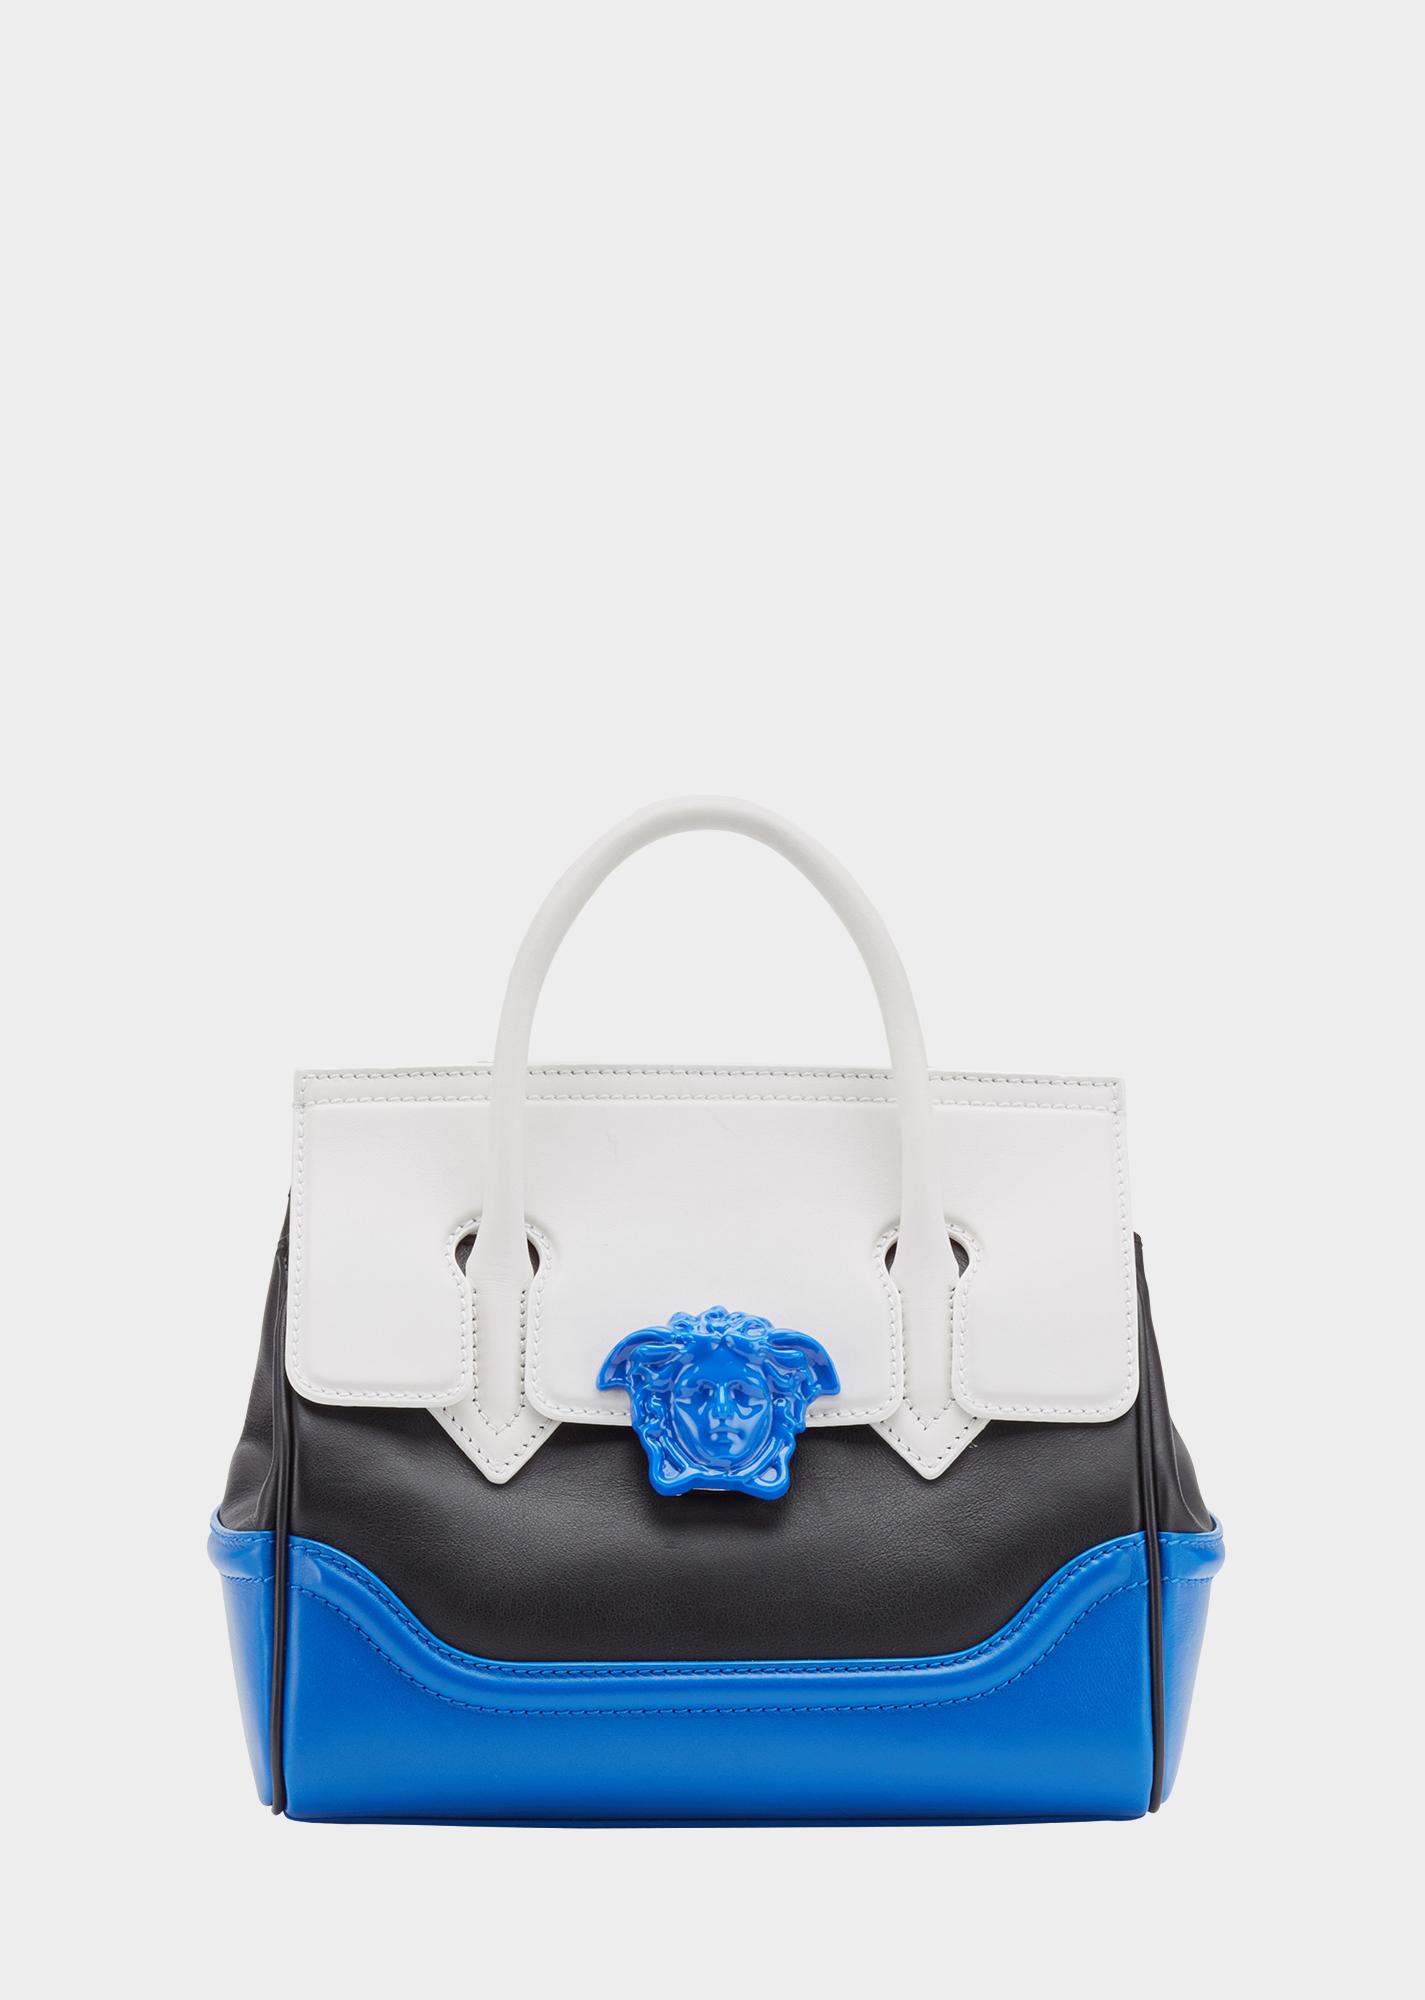 2239aec3b6 Versace Palazzo Empire Bag | Bags in 2019 | Bags, Medium bags, Versace